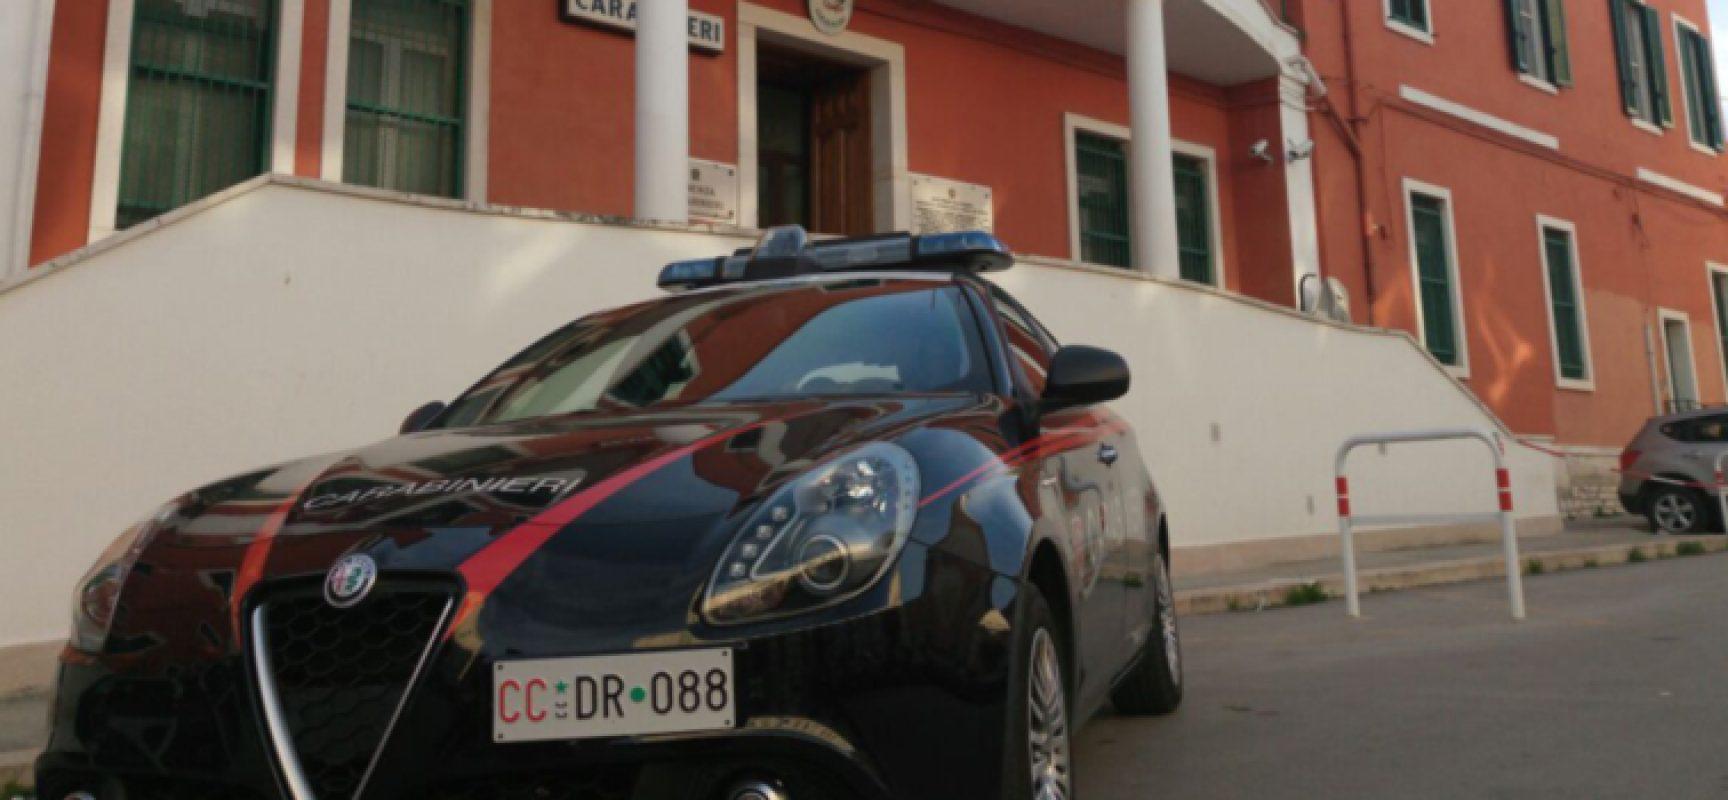 Carabinieri arrestano 22enne pregiudicato, aveva con sè alcune dosi di cocaina